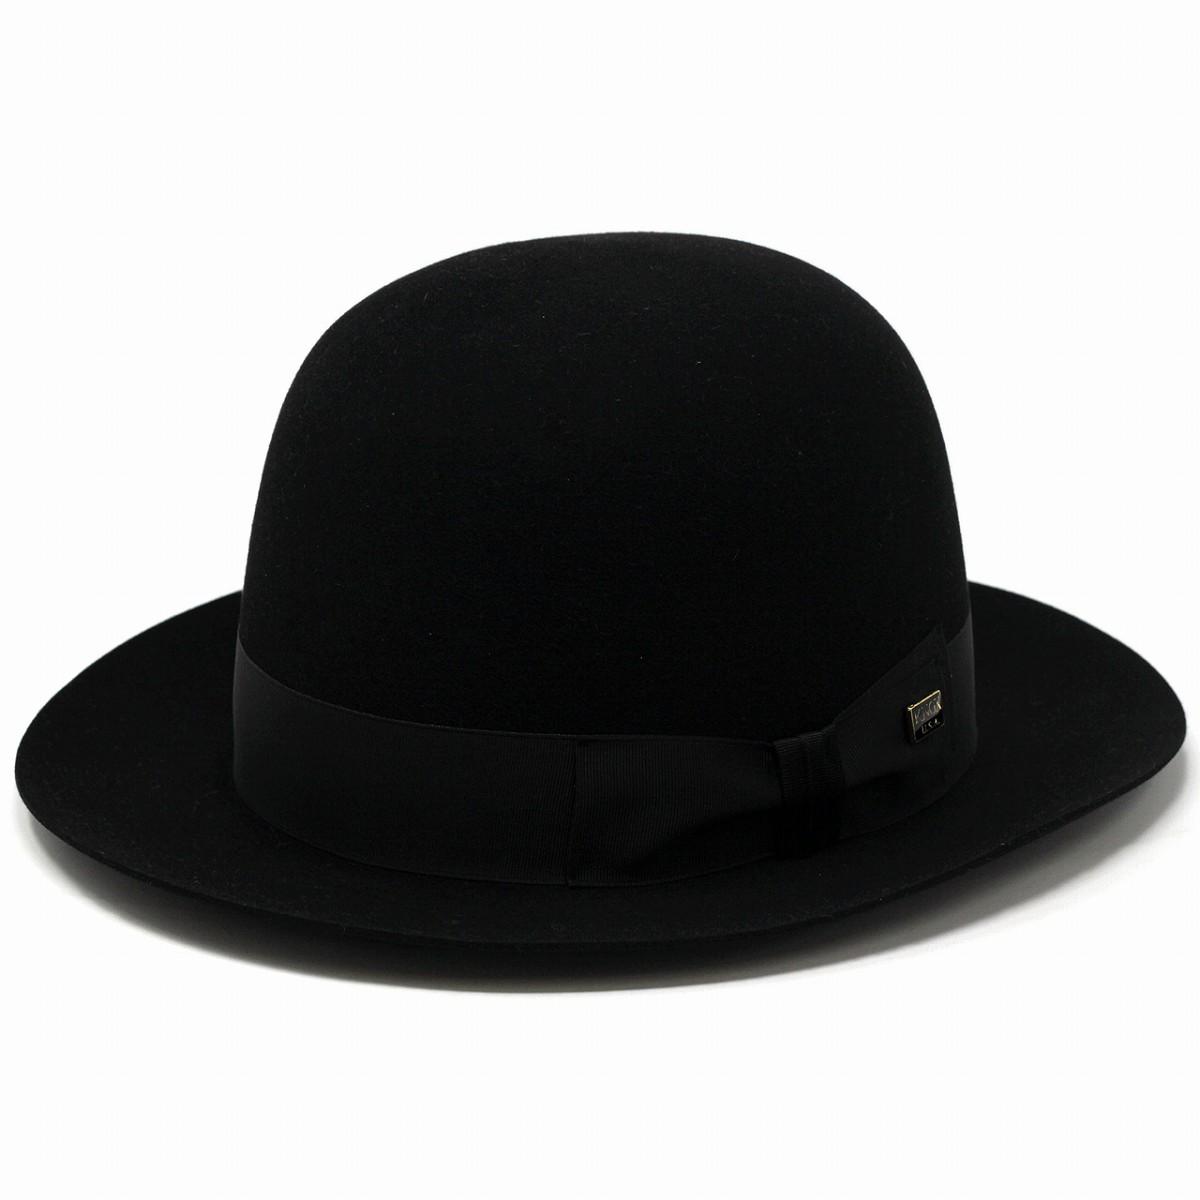 [ 最高級フェルト ビーバーファーフェルト使用 ] ボーラーハット KNOX 帽子 日本製 フェルト帽 紳士 ブランド フェルトハット オープンクランハット ノックス 中折れハット 黒 ブラック[ boater hat ][ felt hat ]クリスマス ギフト 誕生日 プレゼント 男性 帽子通販